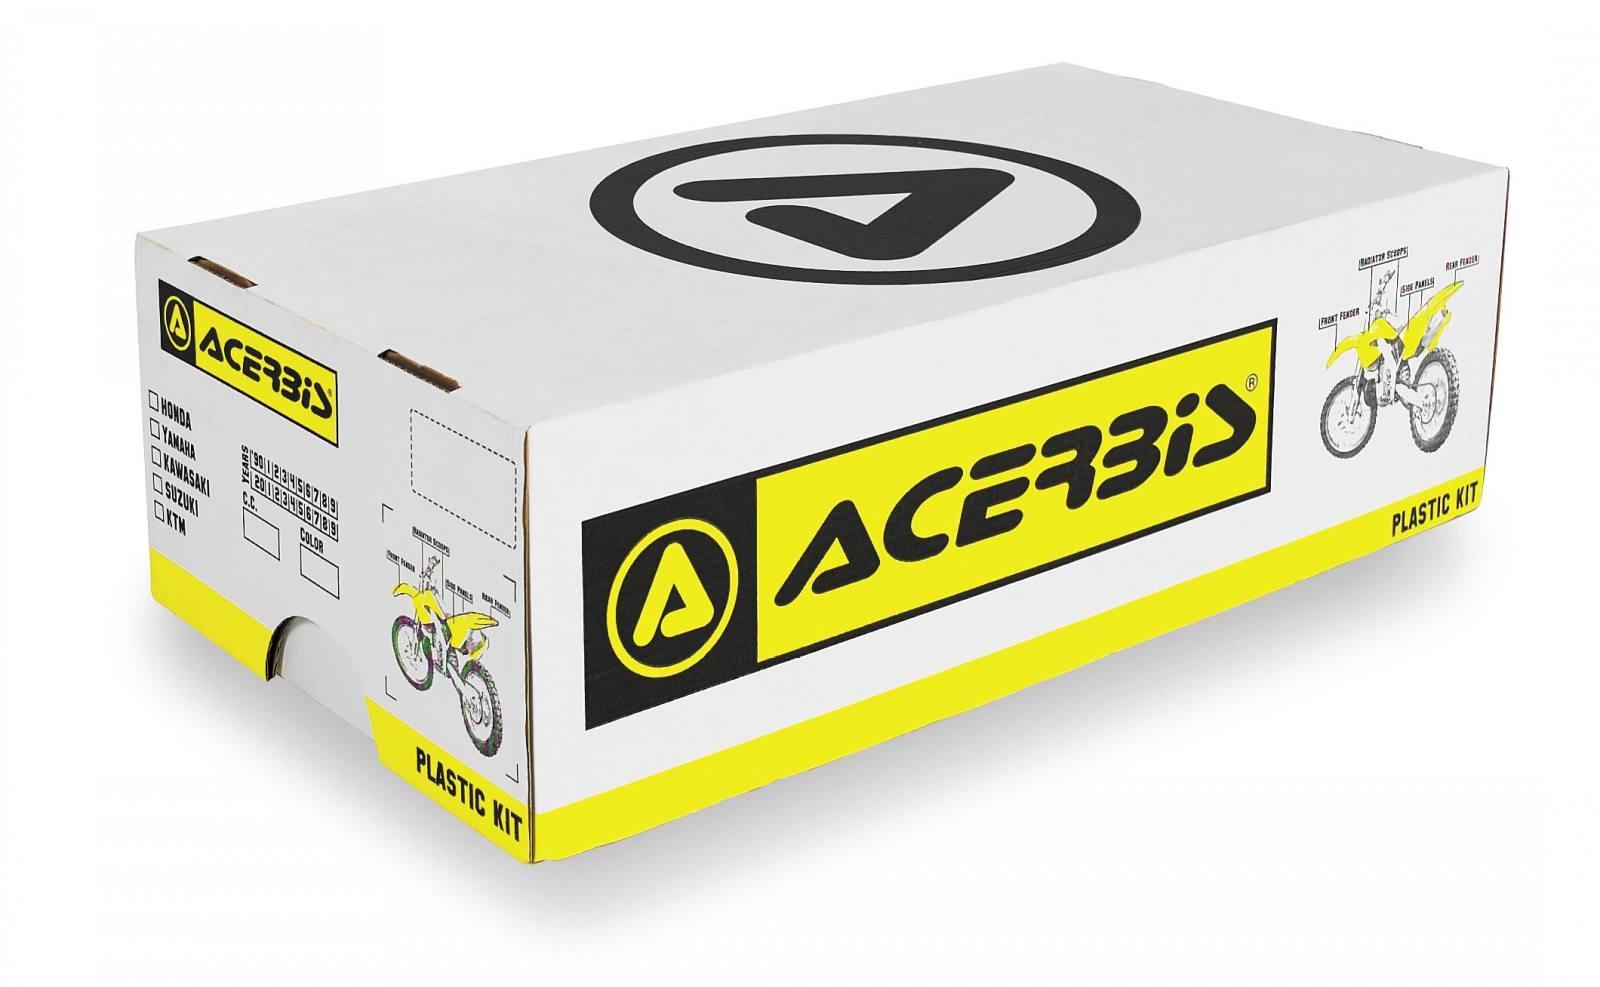 Plastic Kit Acerbis Black 2070970001 for Honda CR125R 2002-2003 CR250R